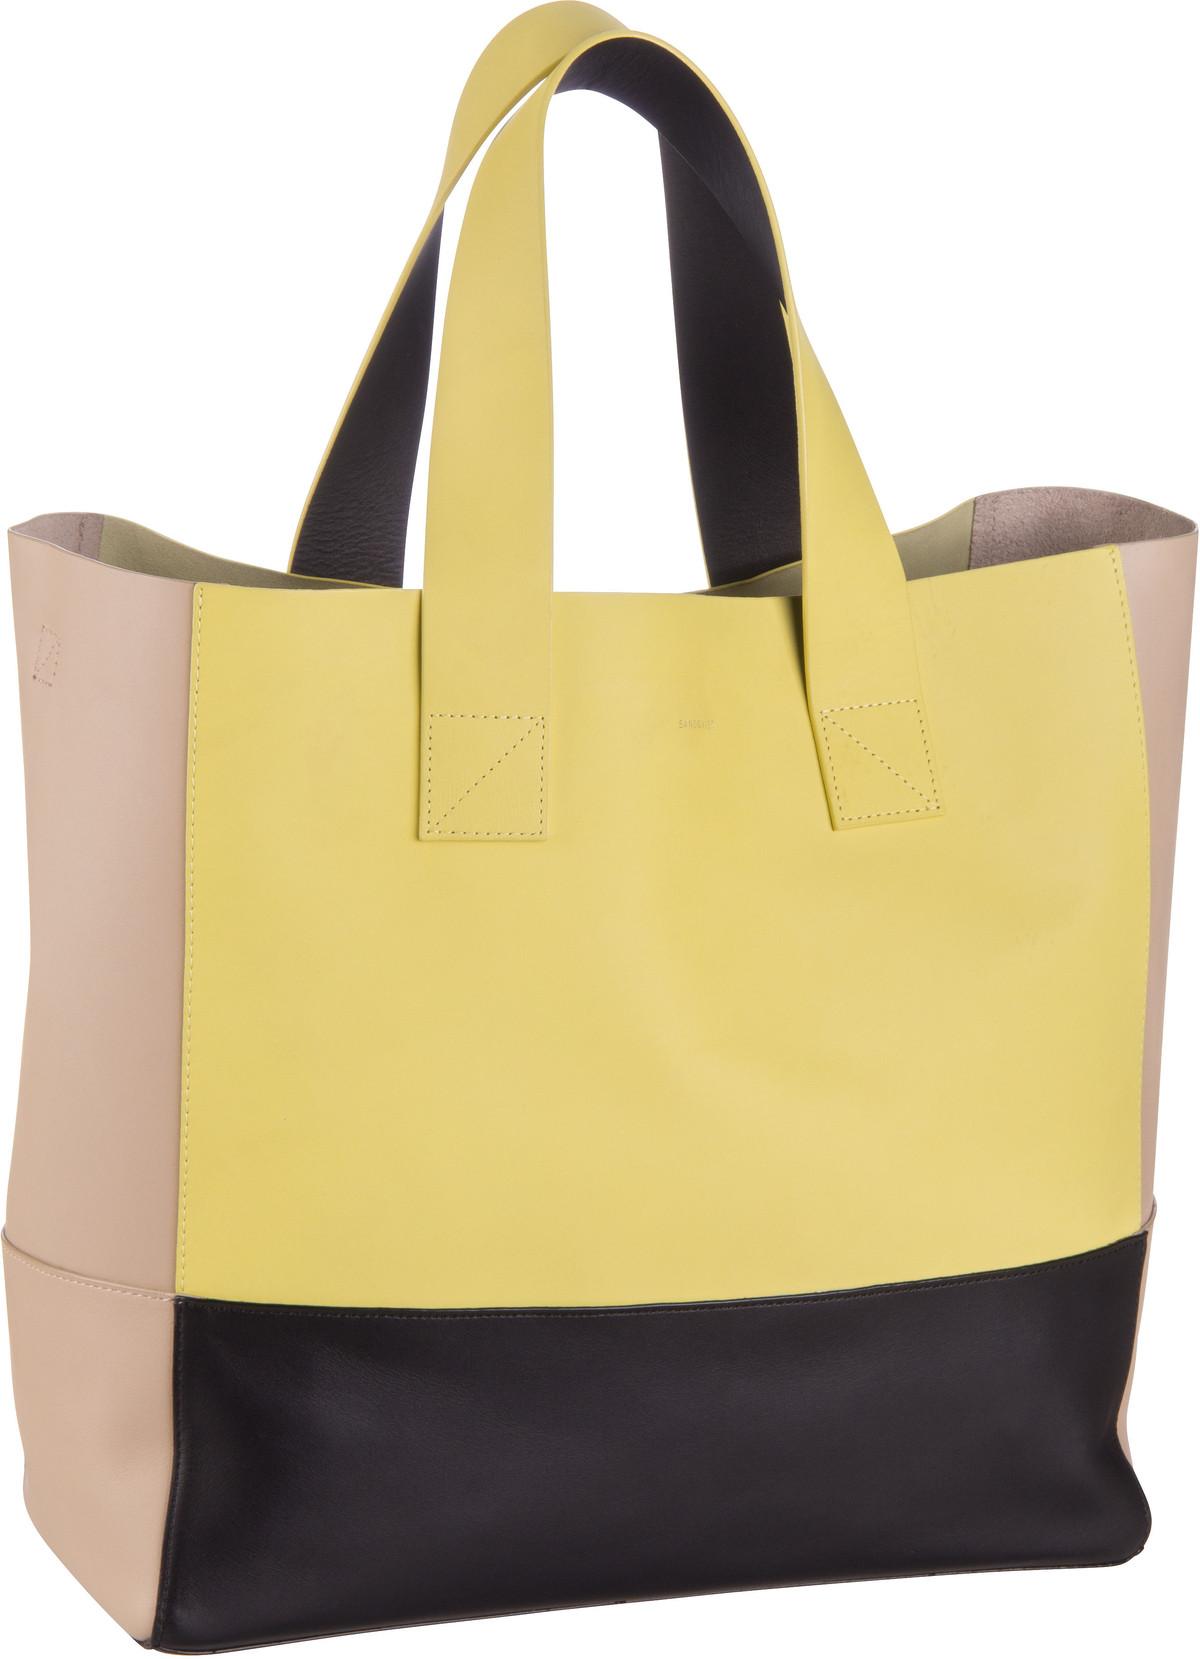 Handtasche Iris Tote Bag Lemon/Black/Beige (19 Liter)